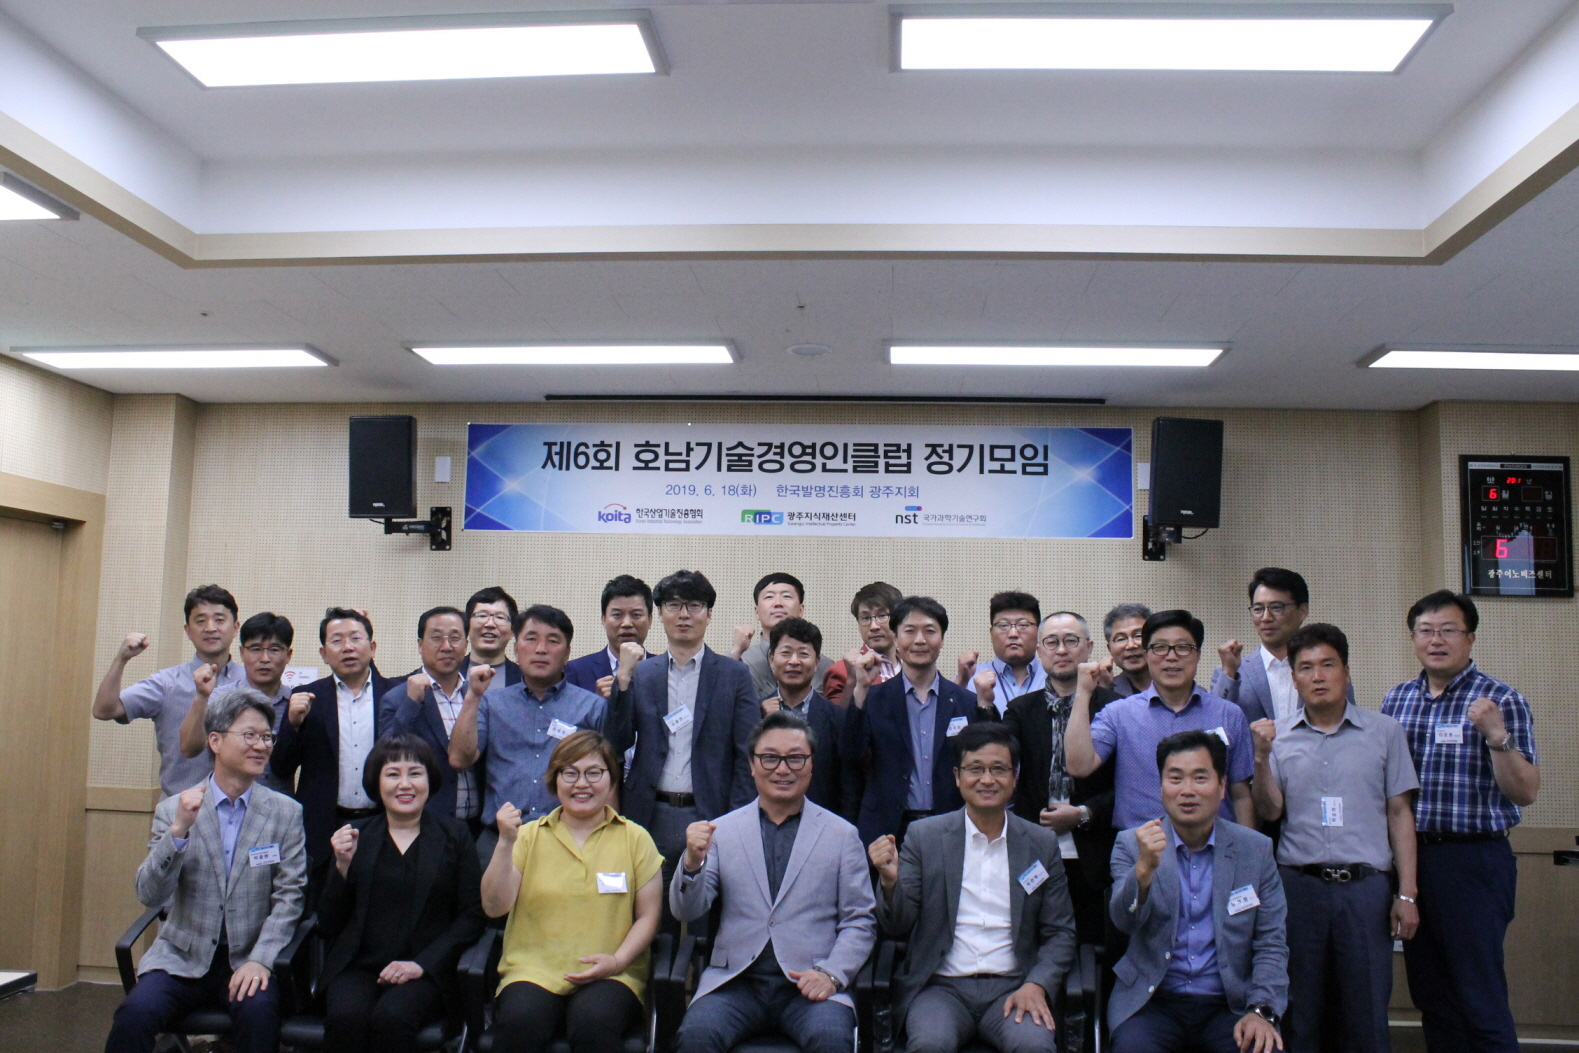 제6회 호남기술경영인클럽 정기모임